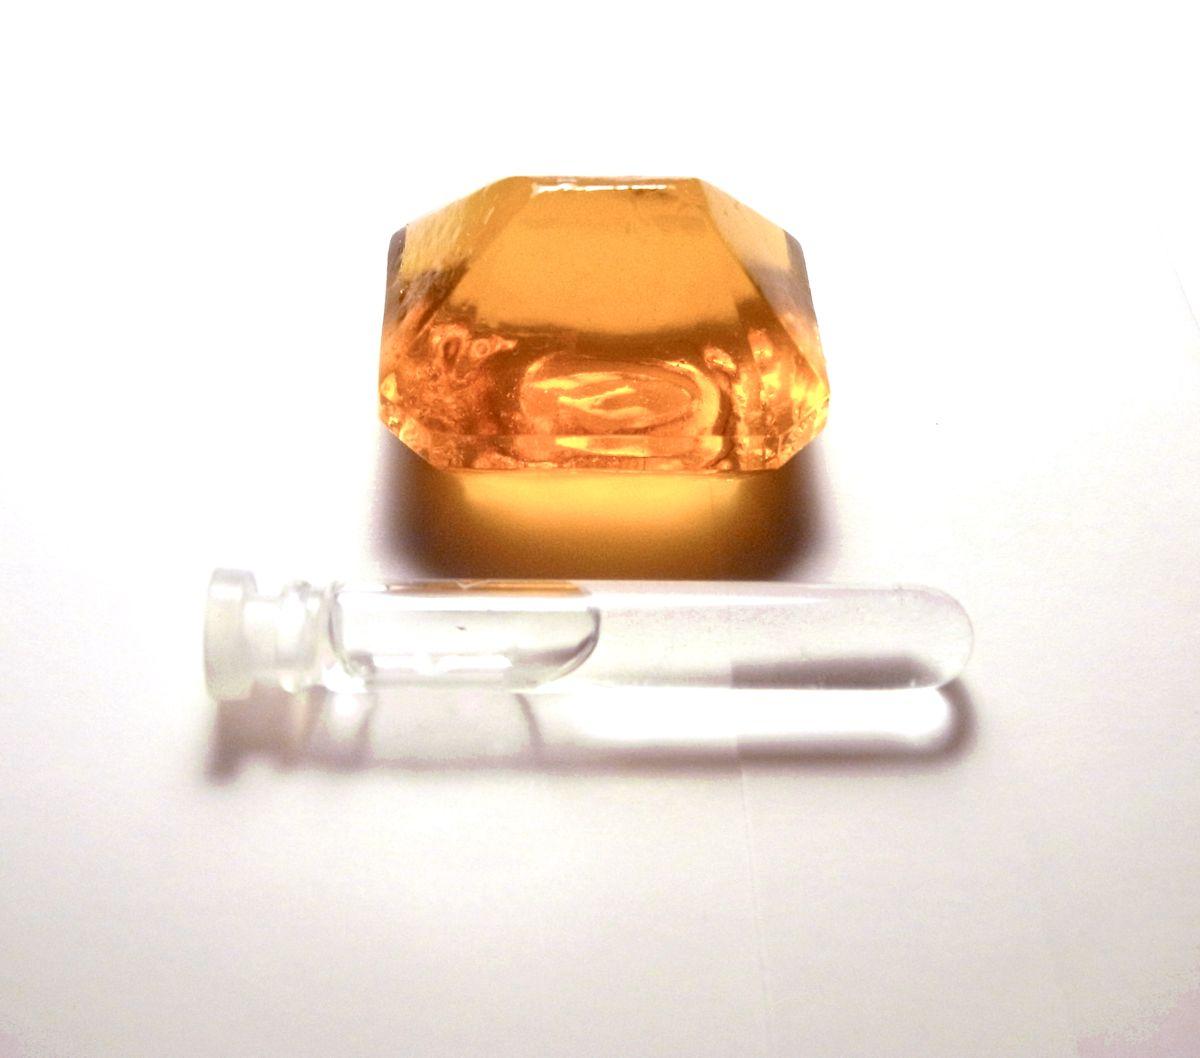 """Tomoko Hayashi. """"Zwierciadło łzy – klejnot"""", 2011. Kolekcja biżuterii z ludzkich łez, substancji spożywczej, cukru. Dzięki uprzejmości artystki"""